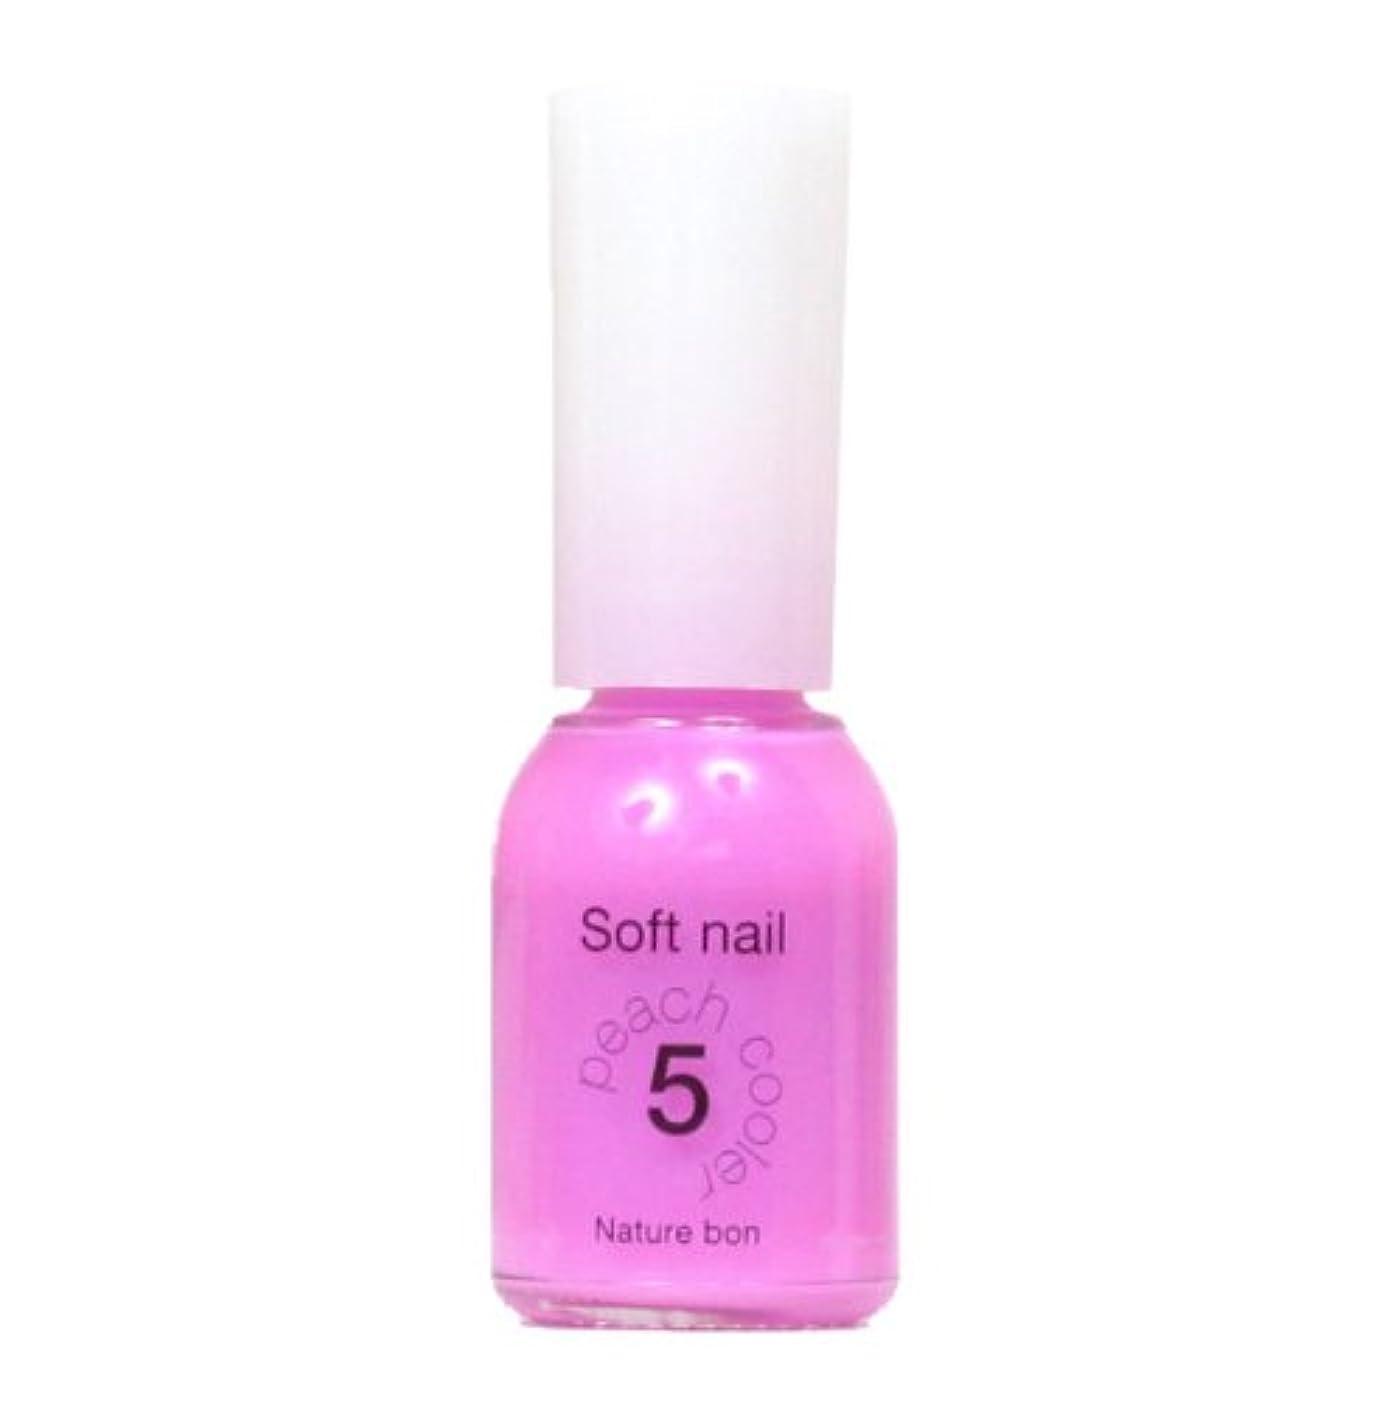 胡粉ネイル 水桃 5ピーチクーラー 透明系ピンク キッズネイル 10ml シンナー臭くなく手軽で安心安全な ワンデイネイル